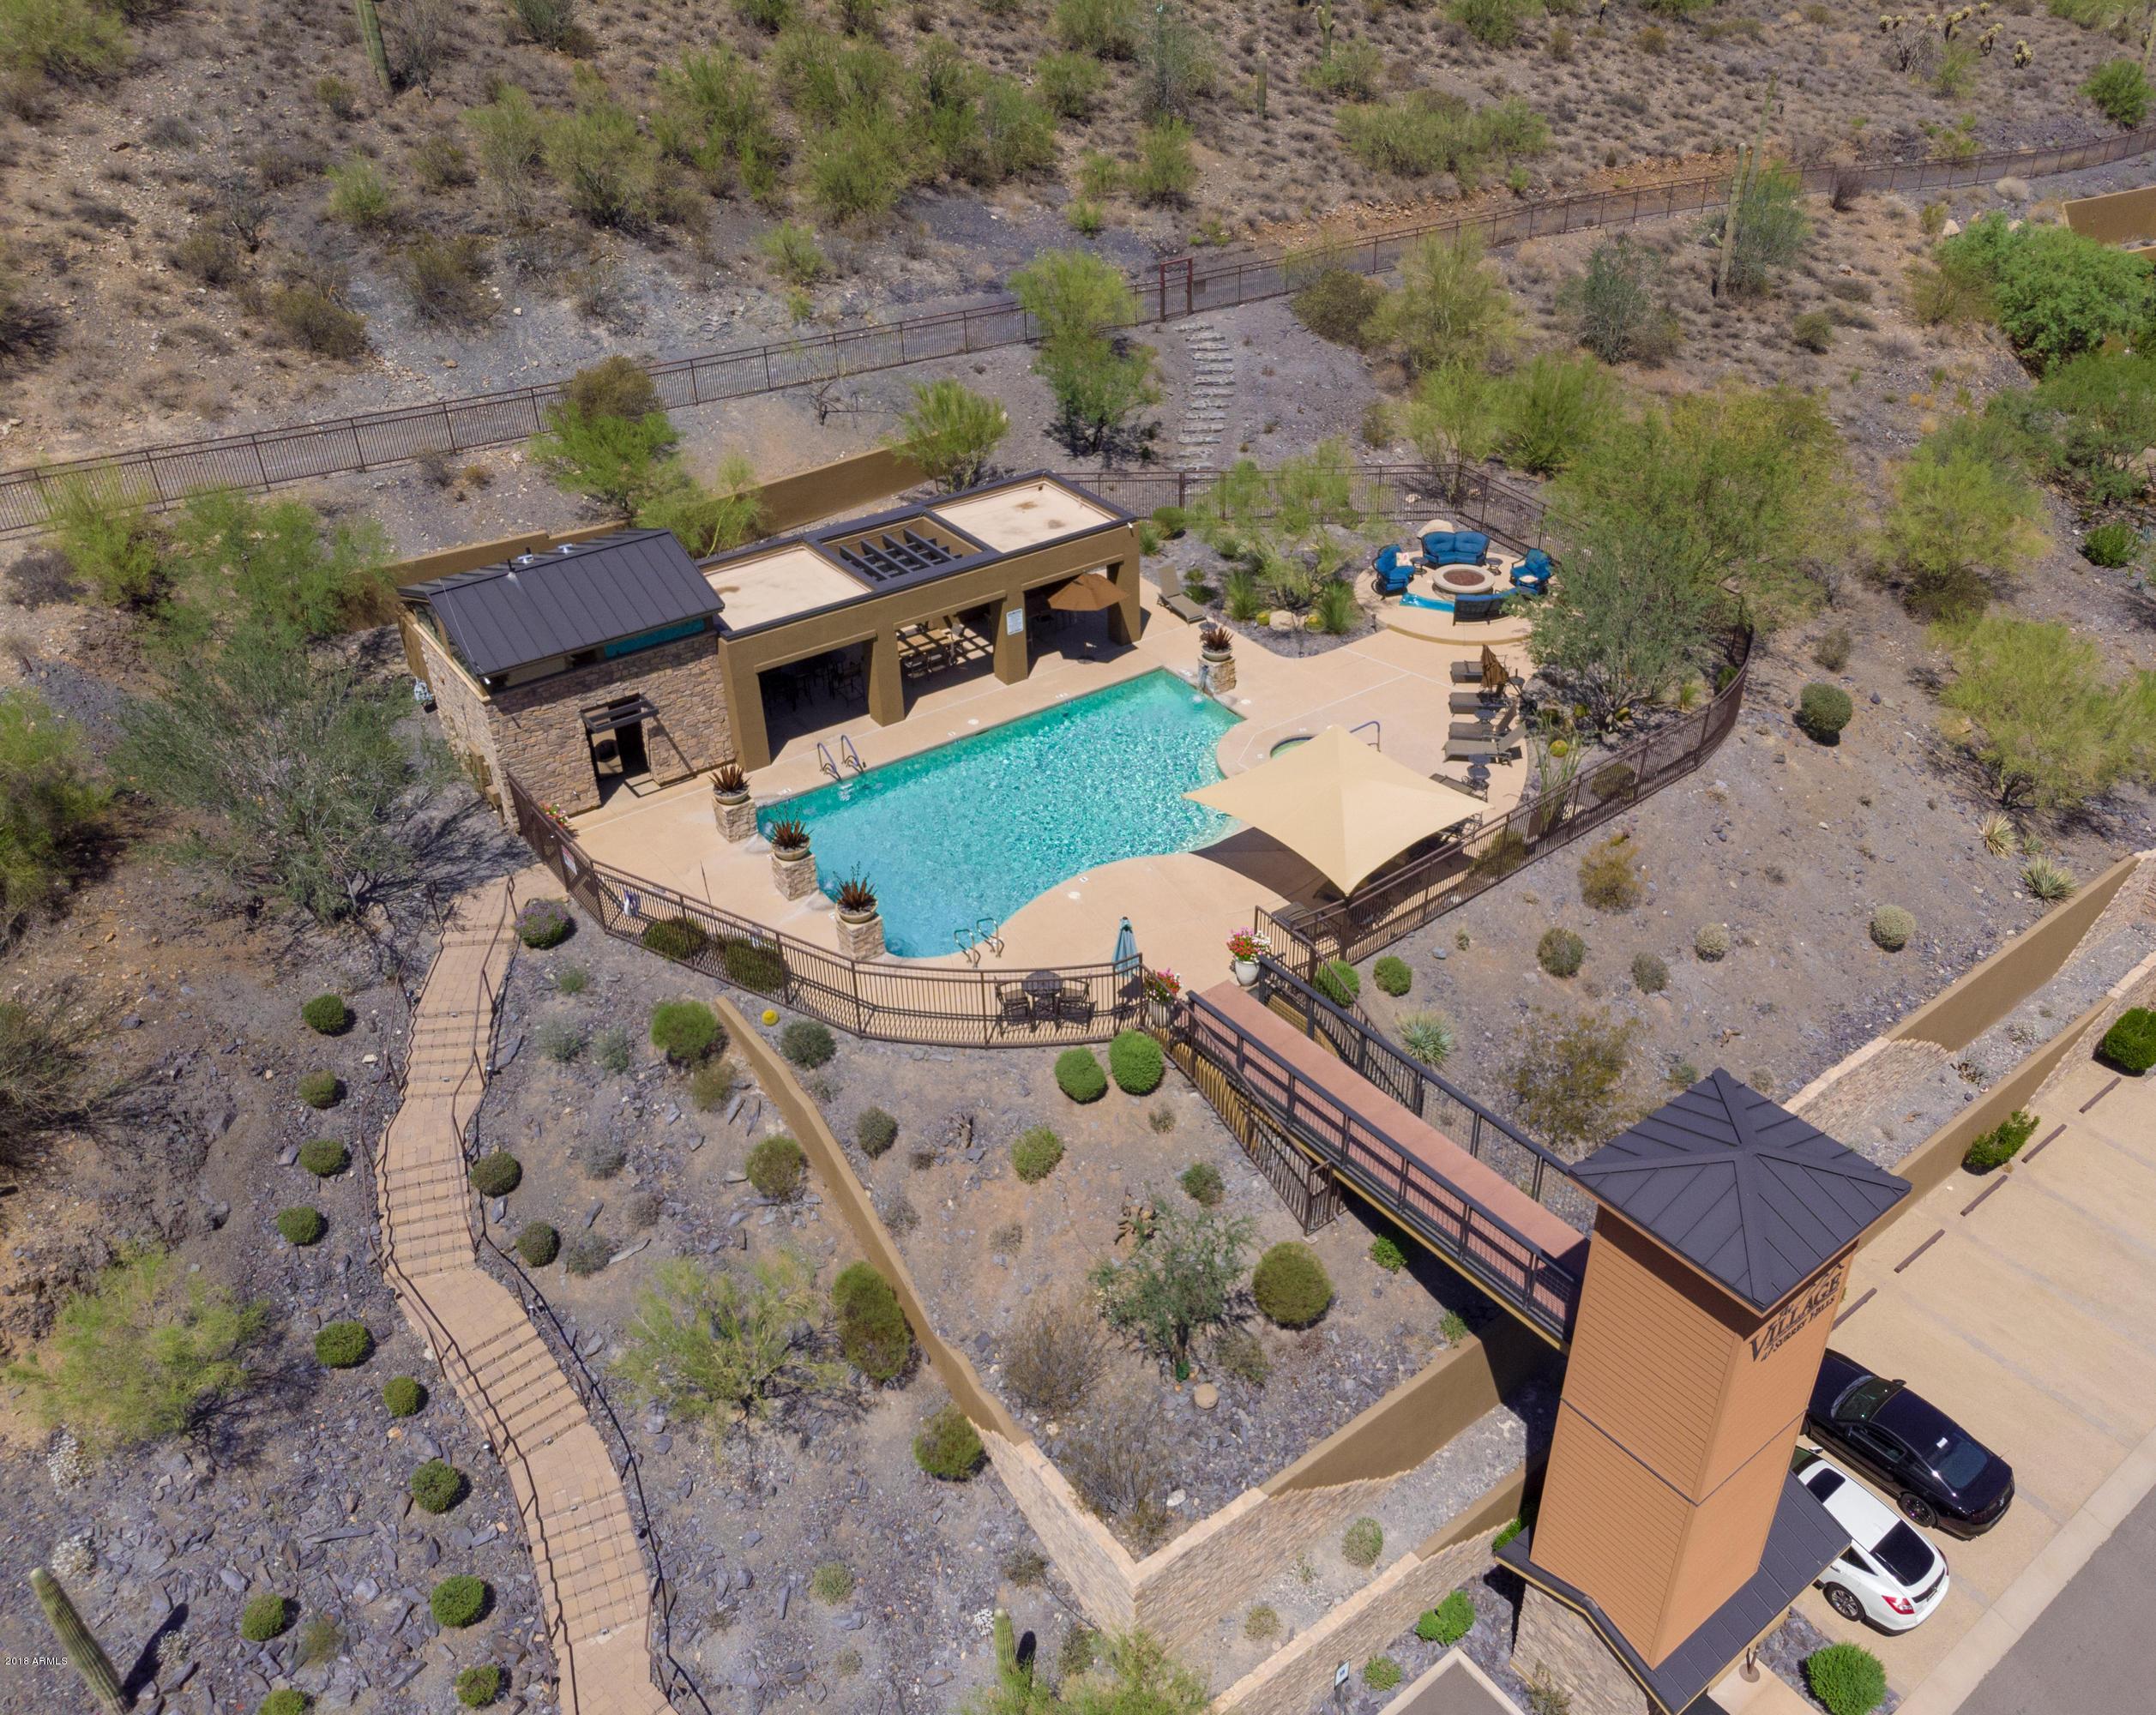 MLS 5810448 36600 N CAVE CREEK Road Unit B19, Cave Creek, AZ 85331 Cave Creek AZ Condo or Townhome